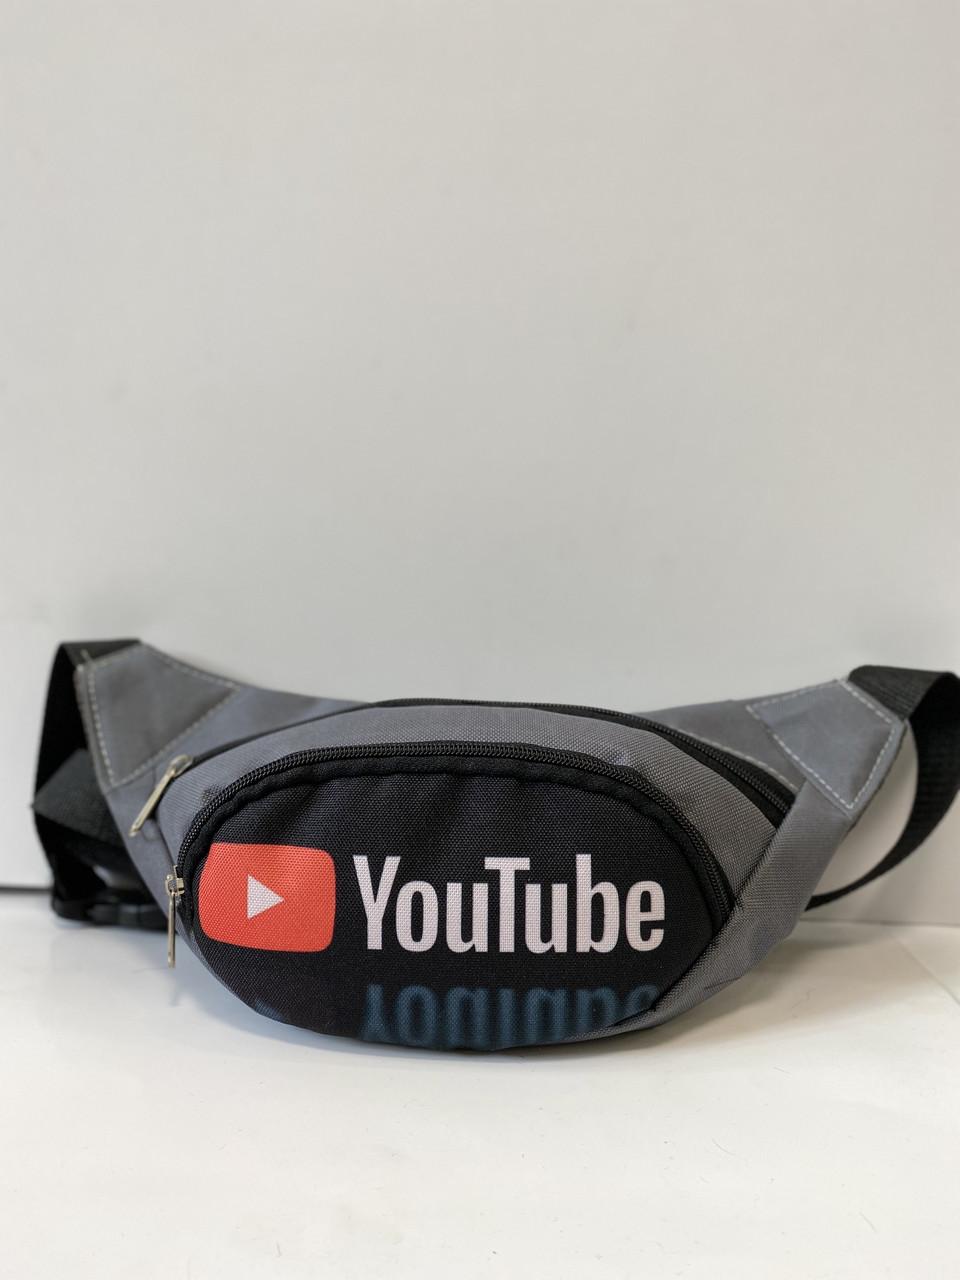 Поясная сумка Бананка сумка на пояс тканевая с ярким принтом молодежная ютуб